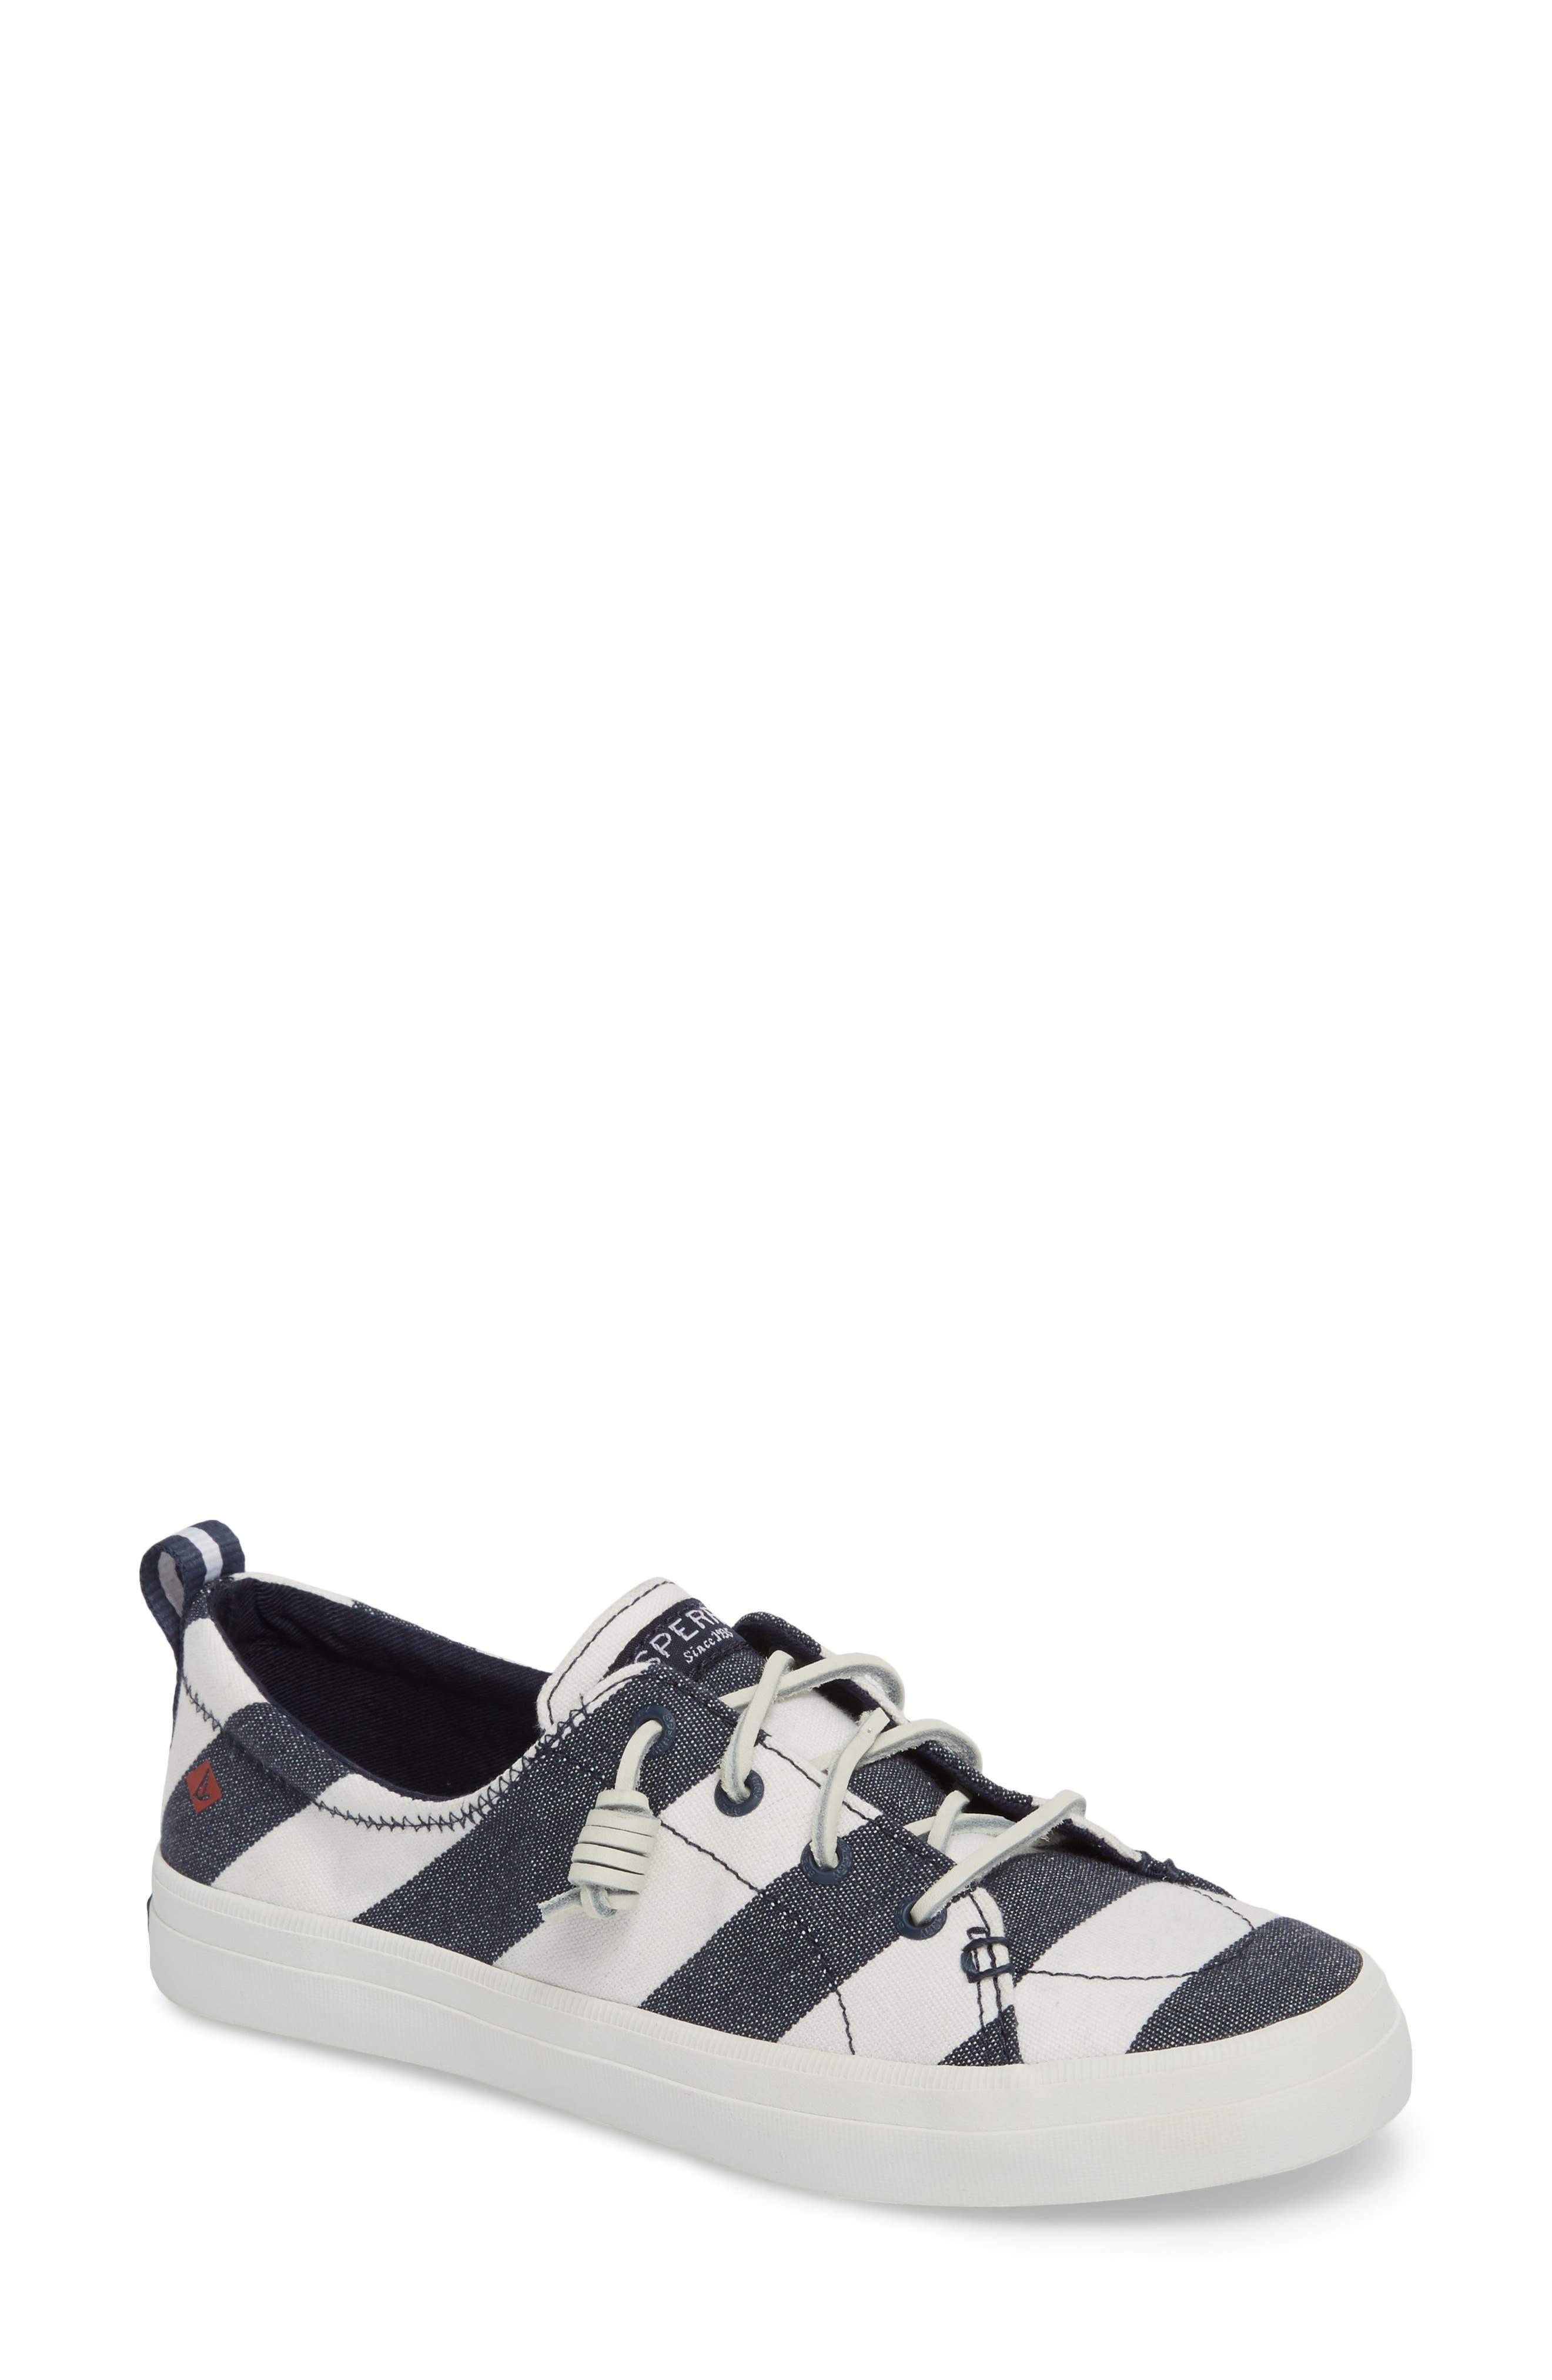 Alternate Image 1 Selected - Sperry Crest Vibe Slip-On Sneaker (Women)